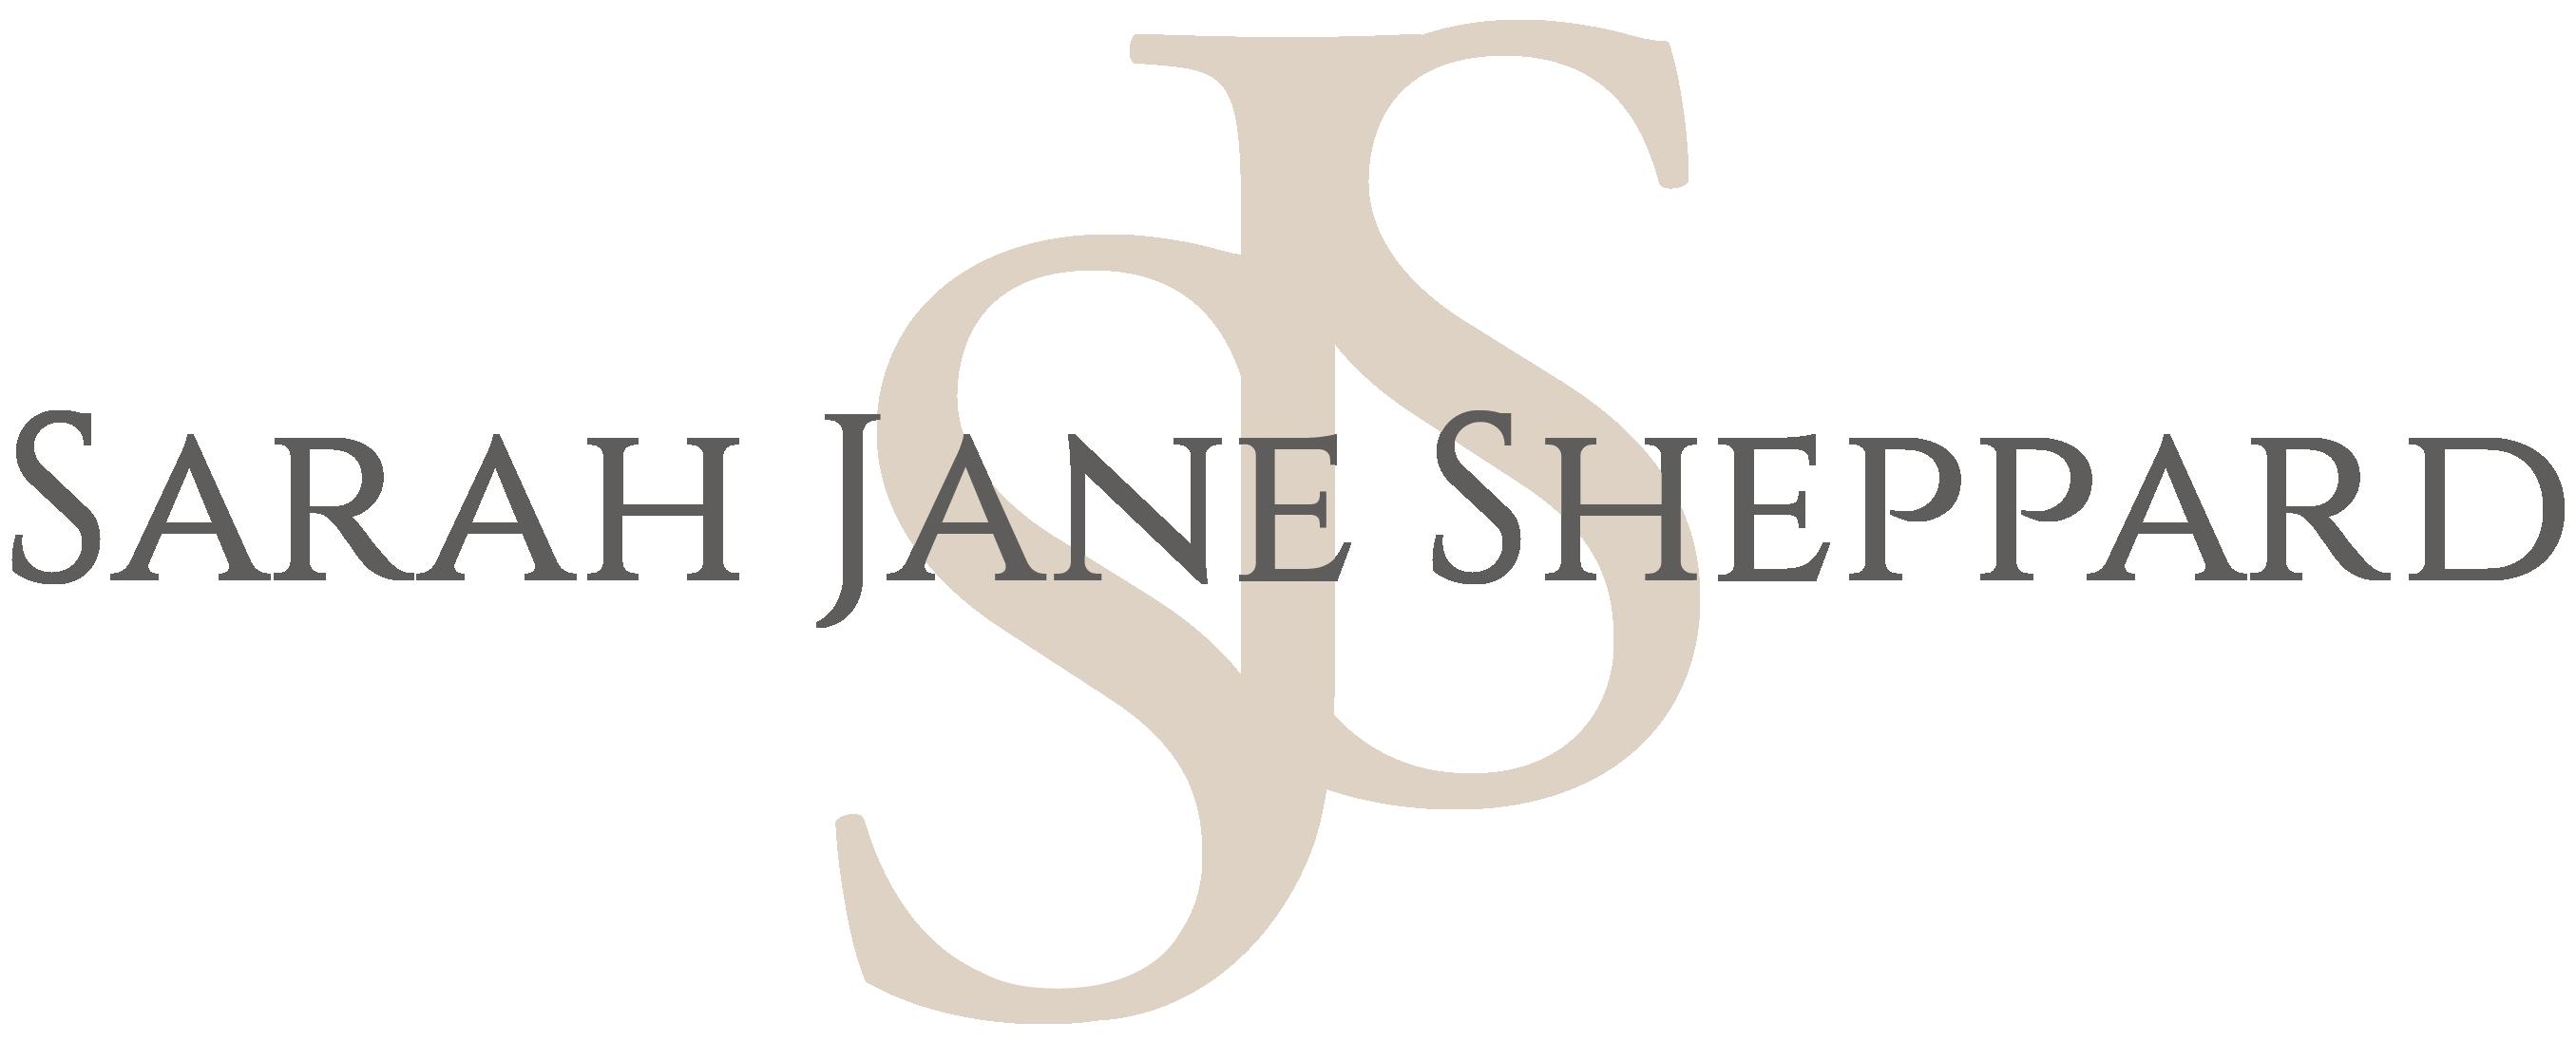 Sarah Jane Sheppard